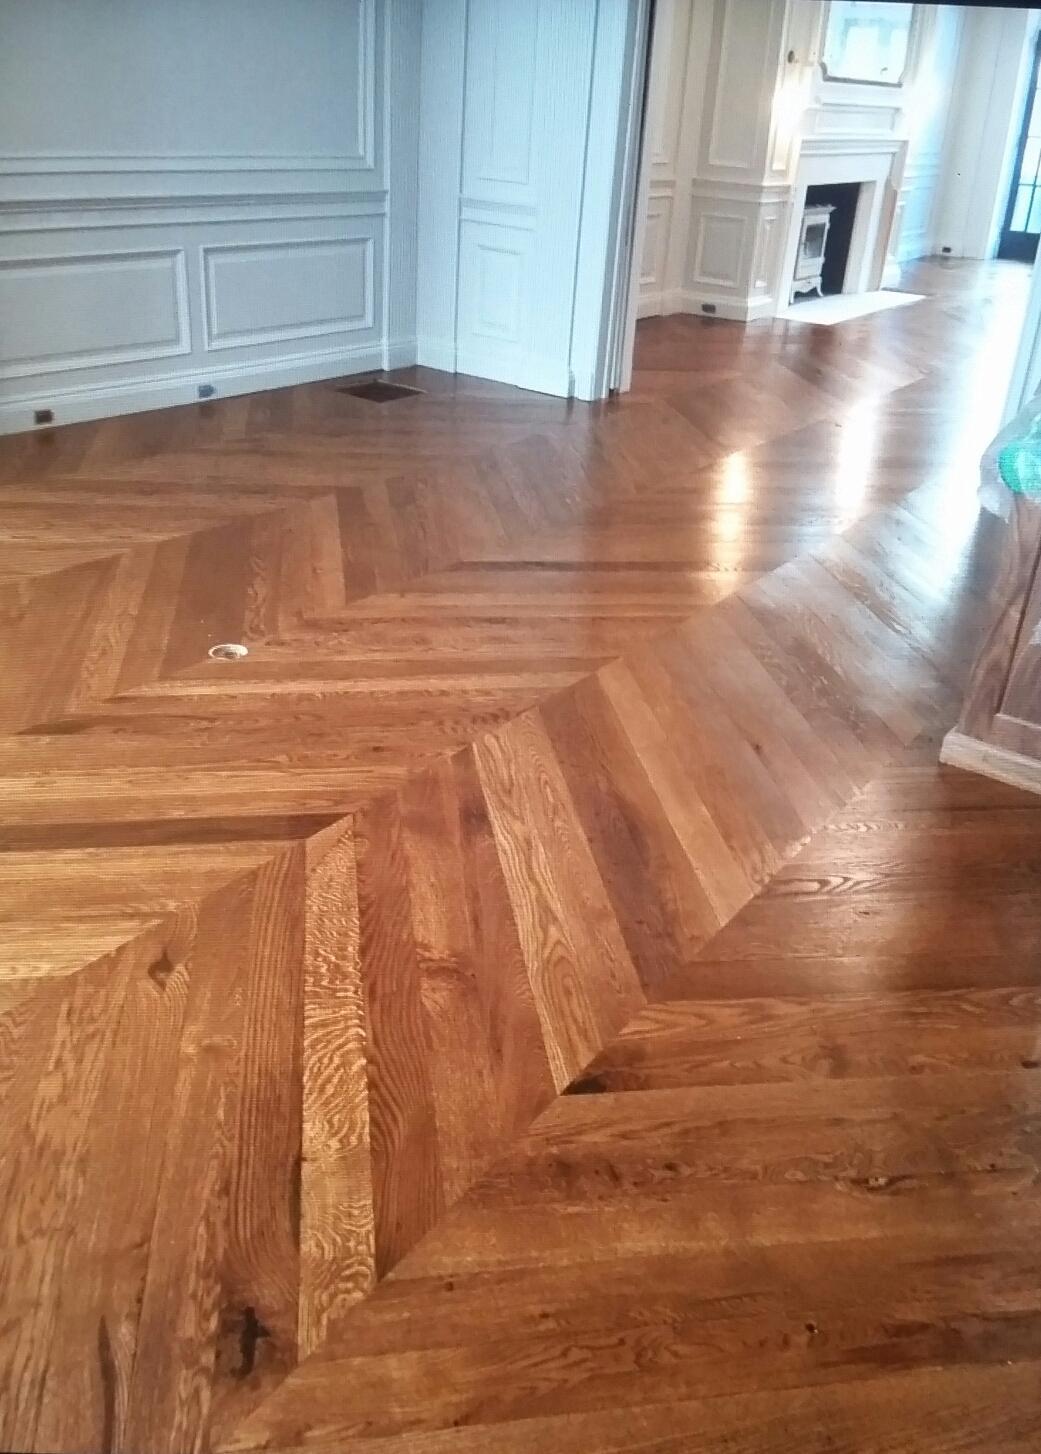 Joe DiNardis Hardwood Floors Refinishing image 0